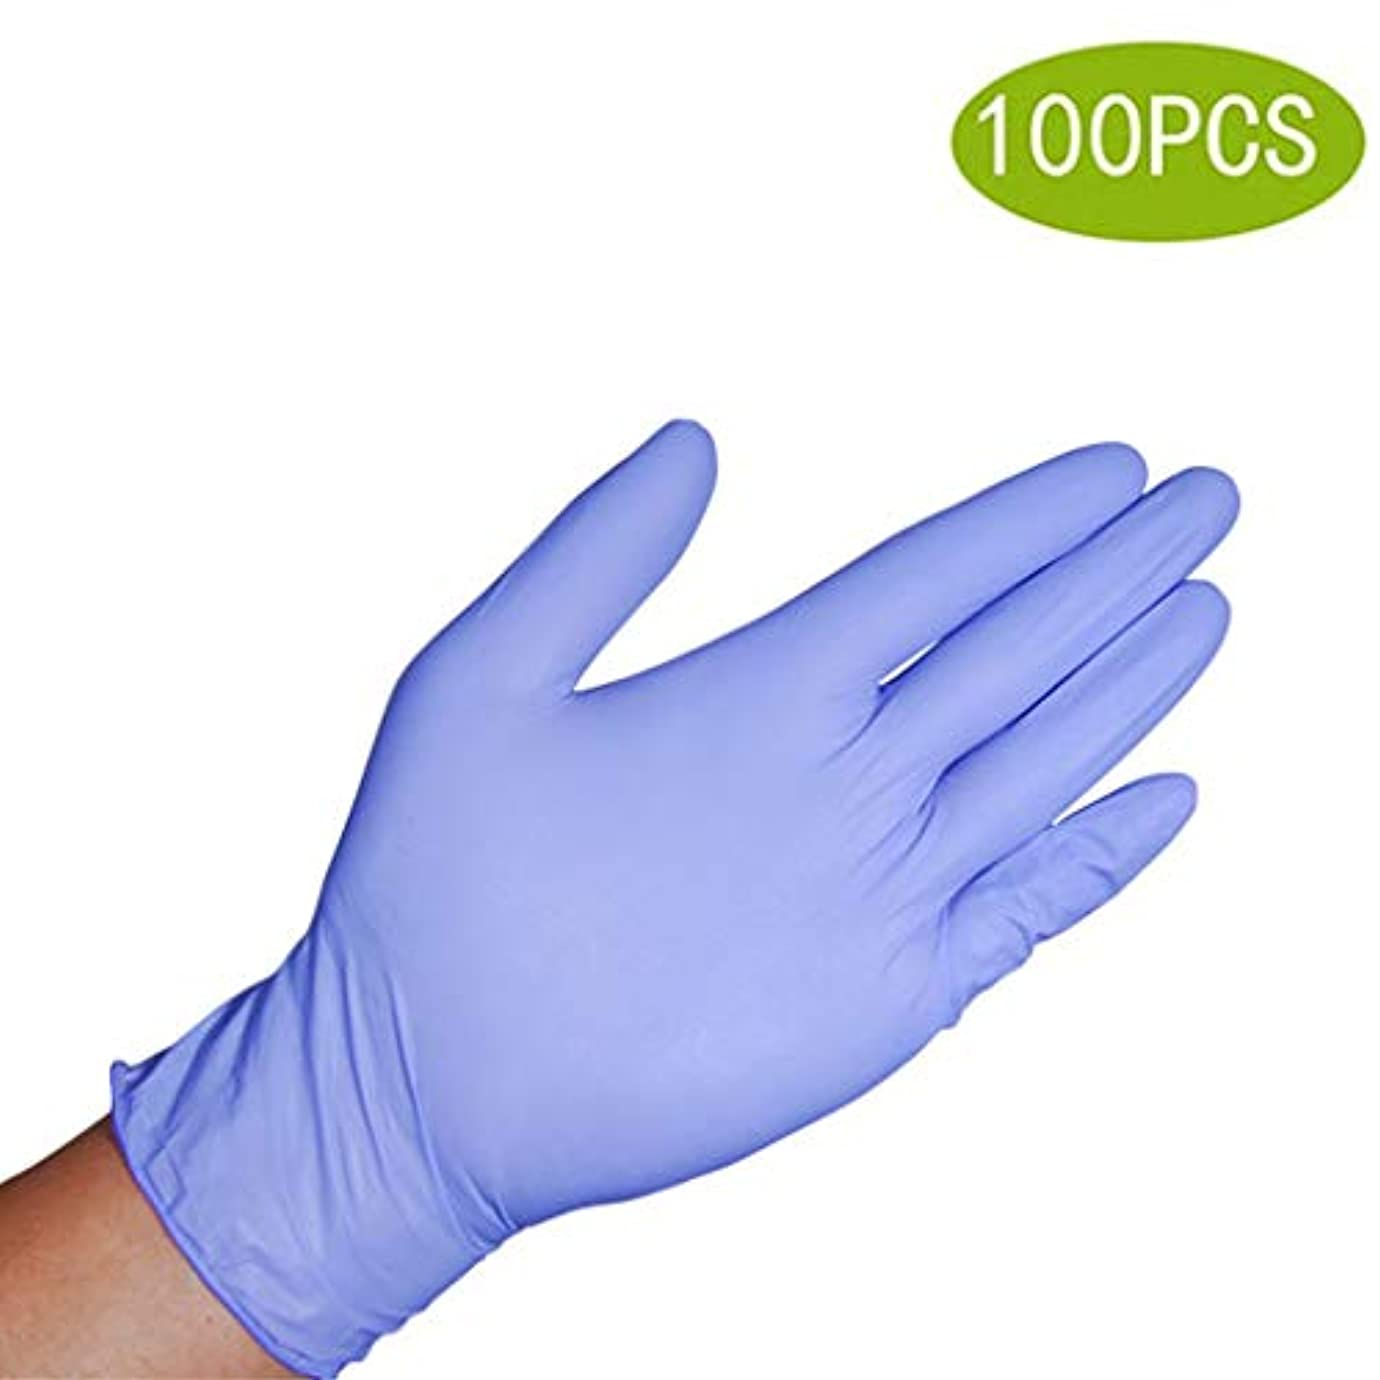 責め影落ち着いてラテックス手袋子供用手袋、4〜10年間のニトリル手袋 - ラテックスフリー、食品グレード、パウダーフリー - クラフト、絵画、ガーデニング、調理、クリーニング用 - 100個入りパープル (Size : M)